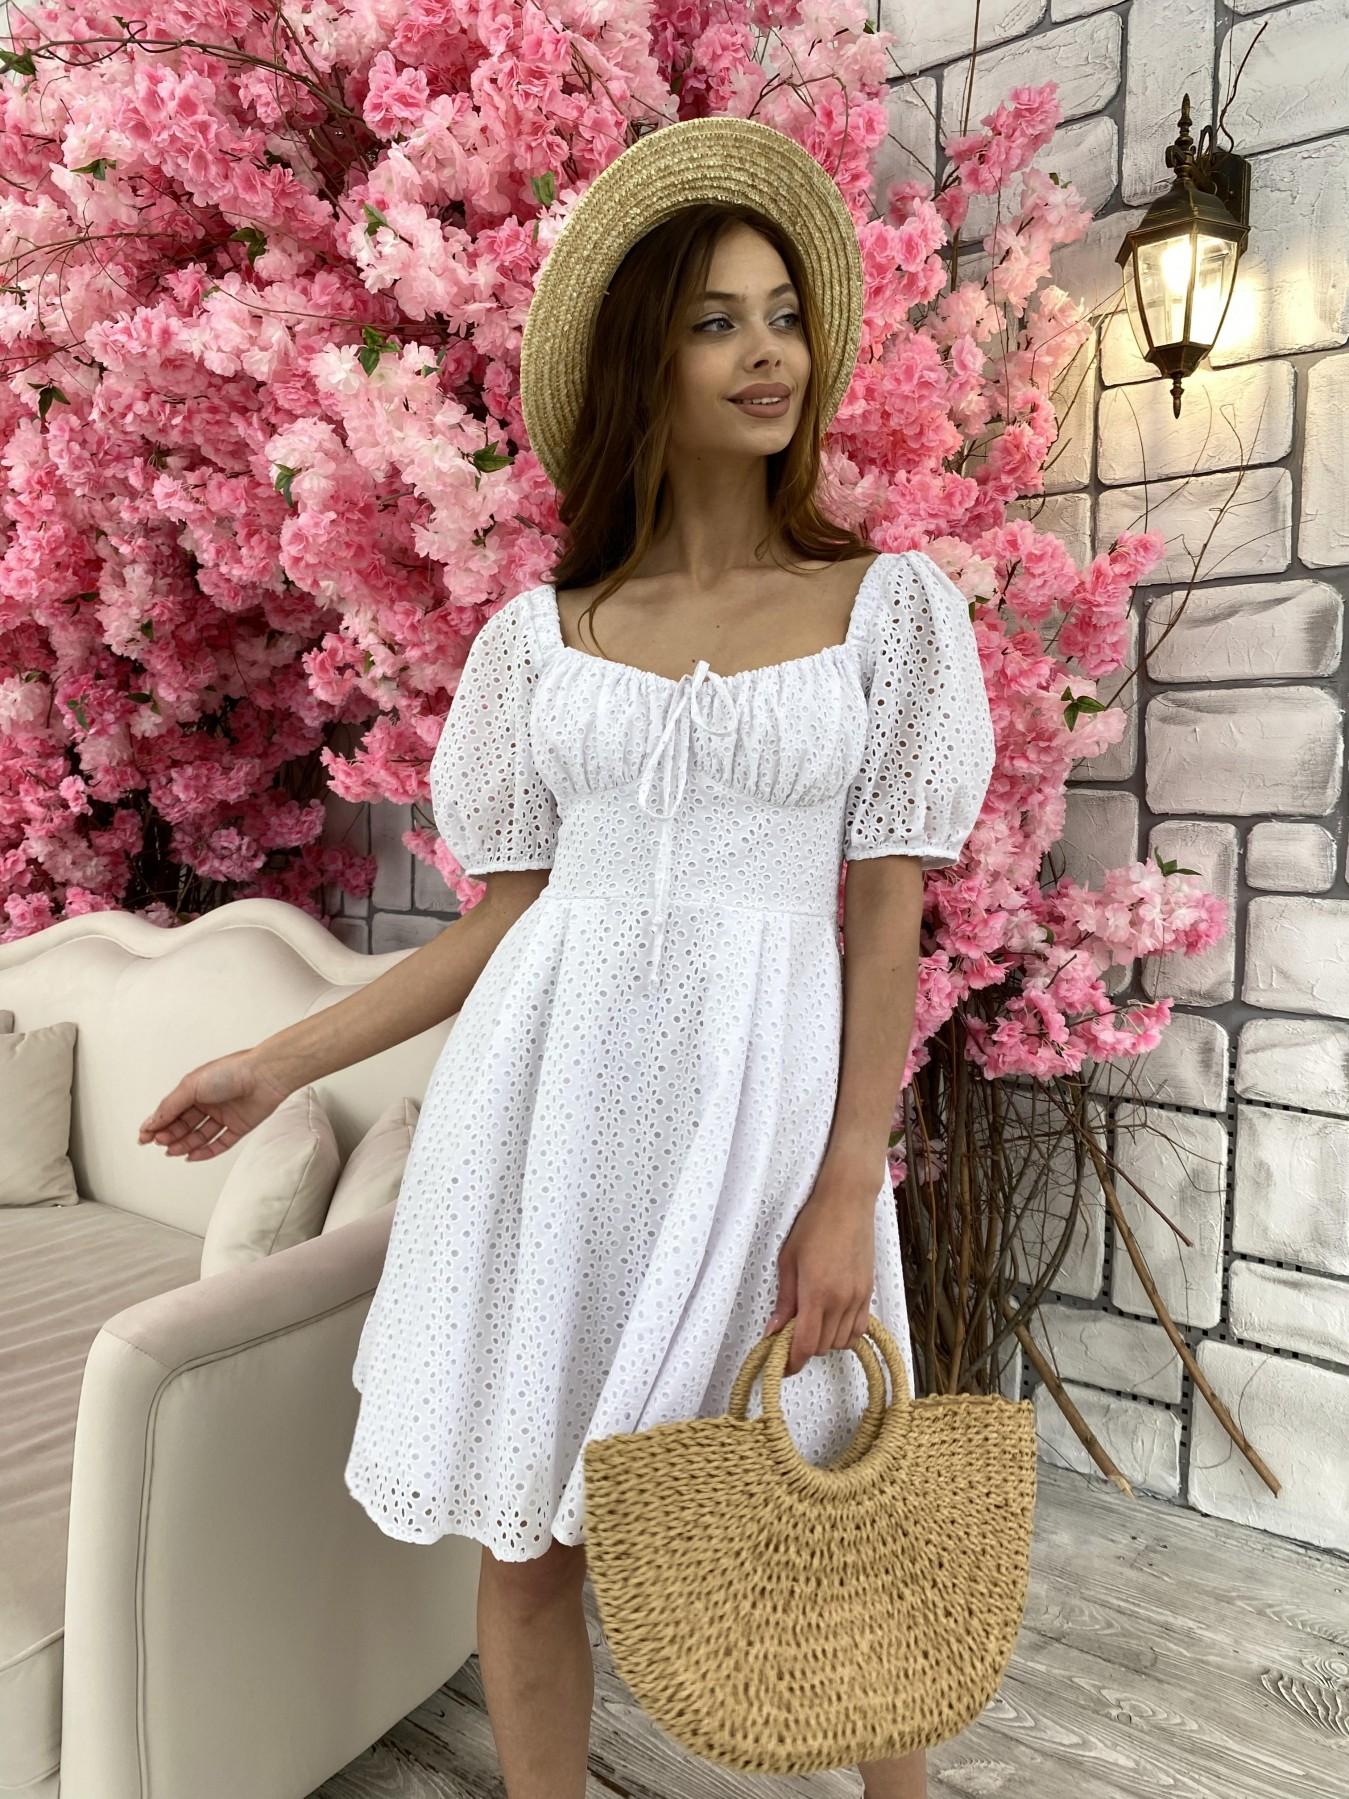 Кисес мини платье из прошвы 11439 АРТ. 48012 Цвет: Белый/МелЦветПерфор - фото 8, интернет магазин tm-modus.ru